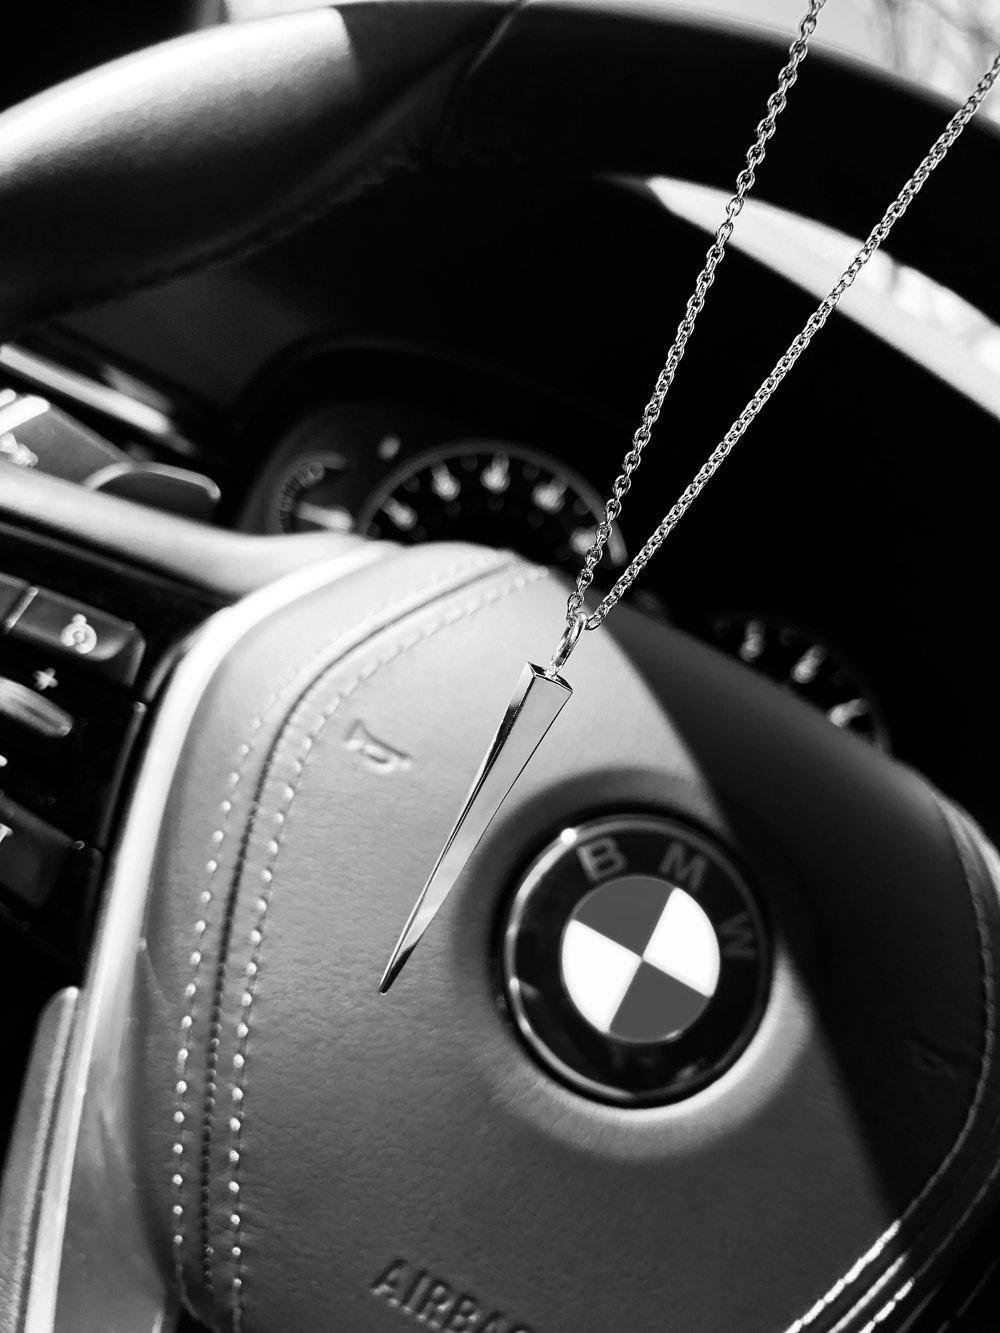 edited spike on steering wheel.JPG